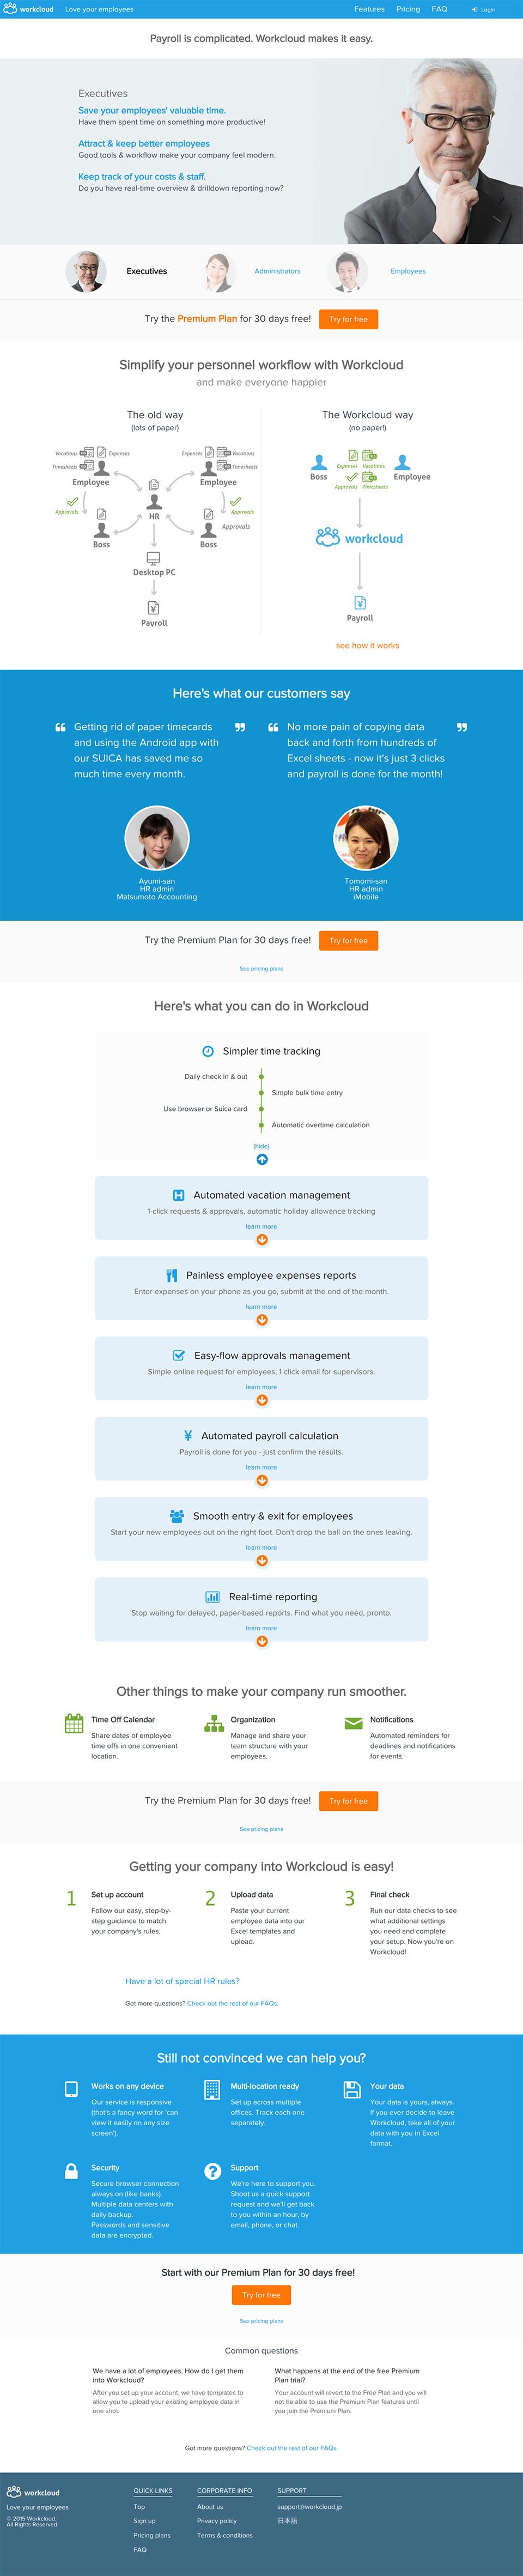 WorkCloud - Landing Page